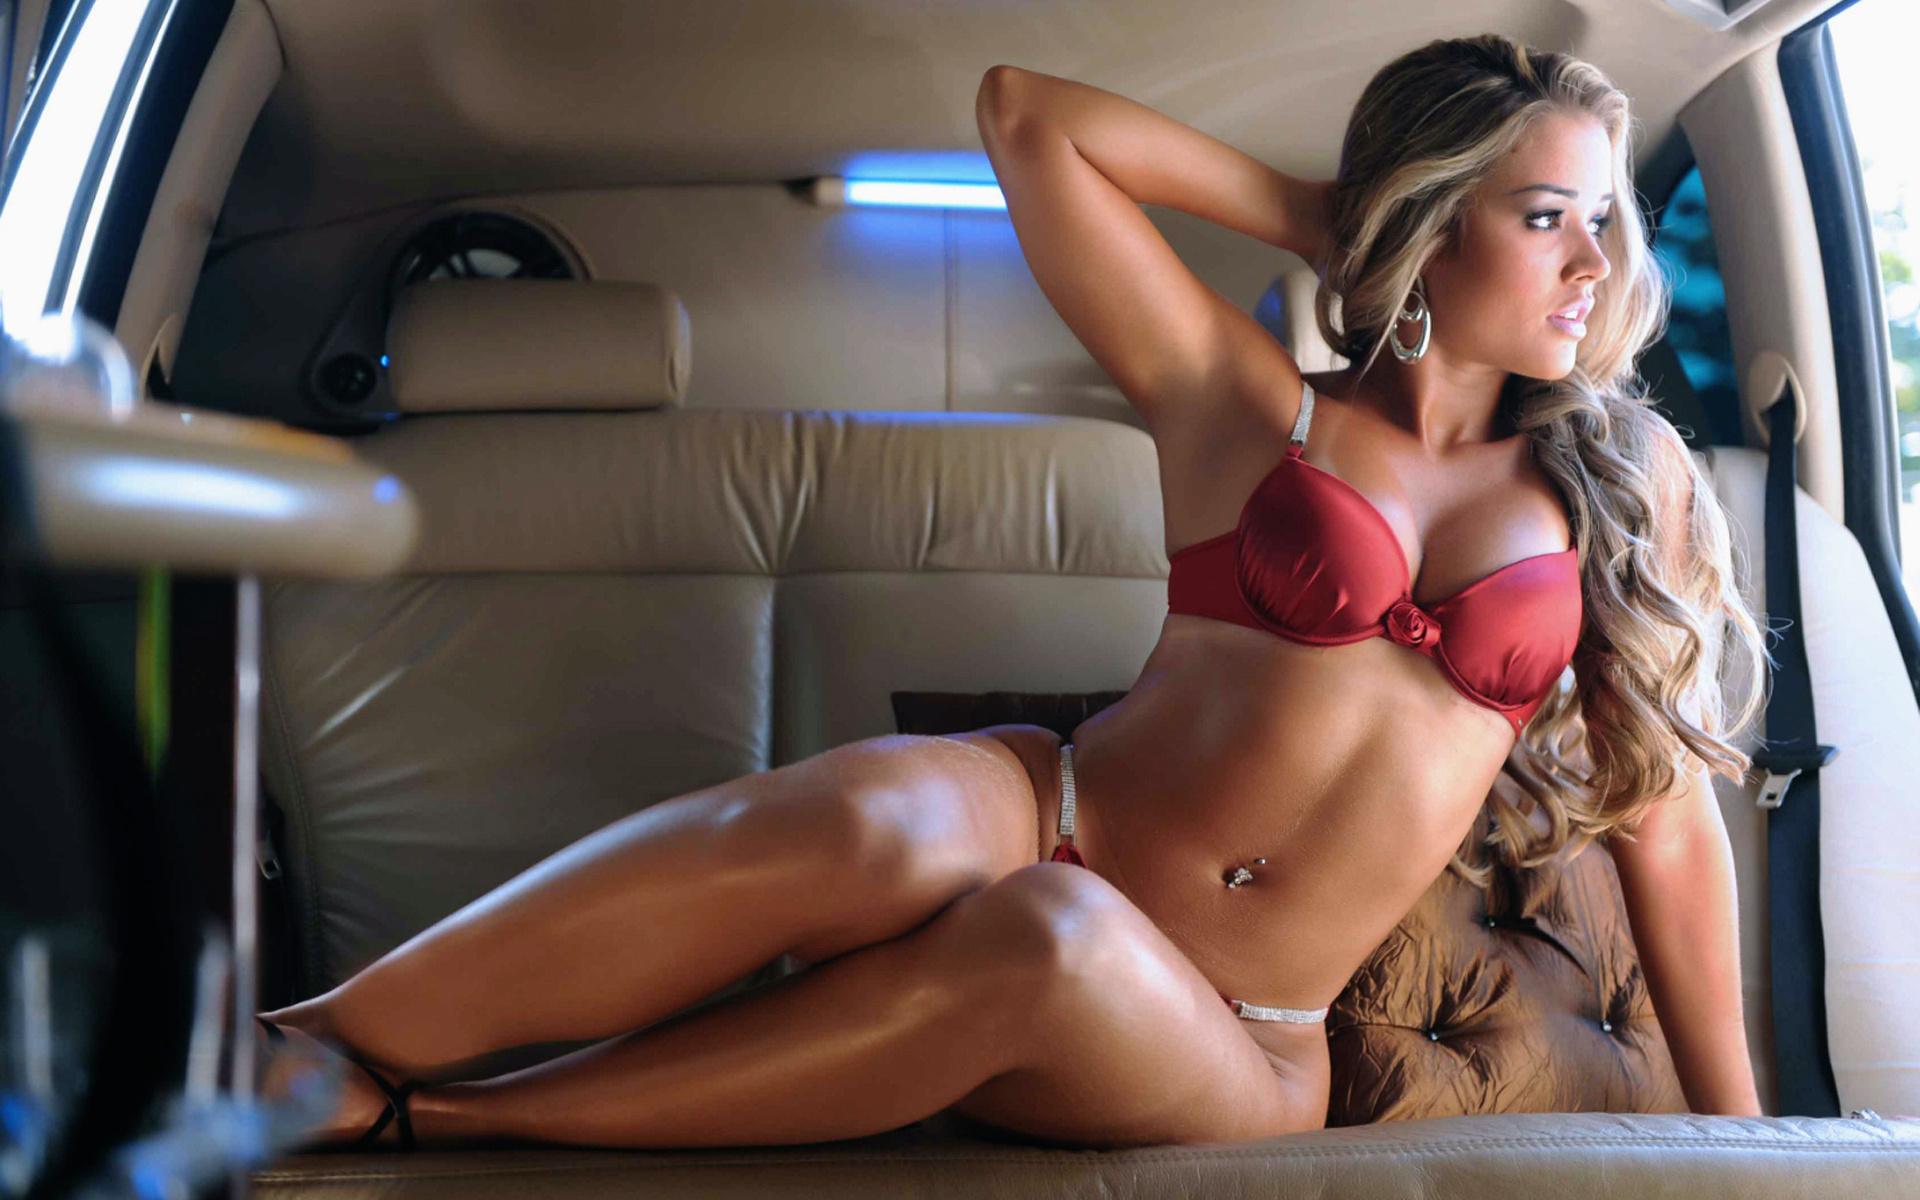 модель картинки супер телки образ проститутки